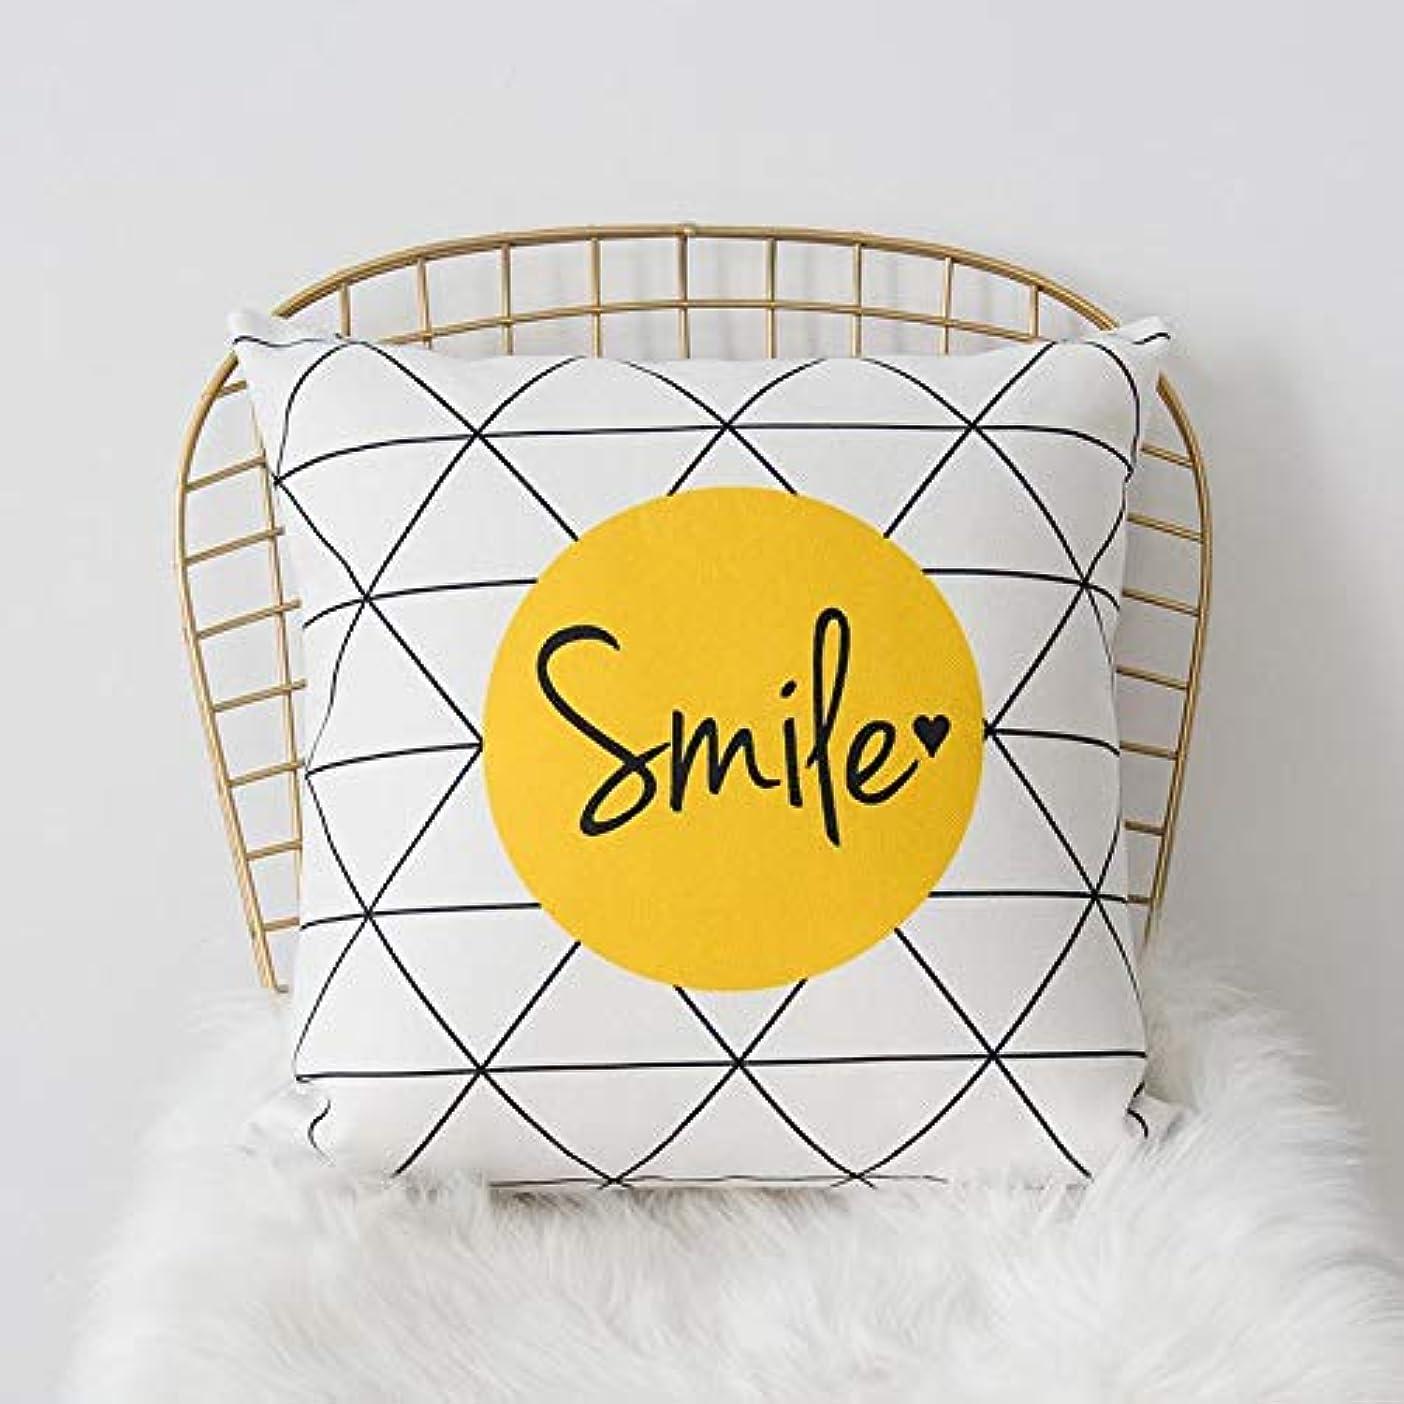 筋肉の鉄からSMART 黄色グレー枕北欧スタイル黄色ヘラジカ幾何枕リビングルームのインテリアソファクッション Cojines 装飾良質 クッション 椅子